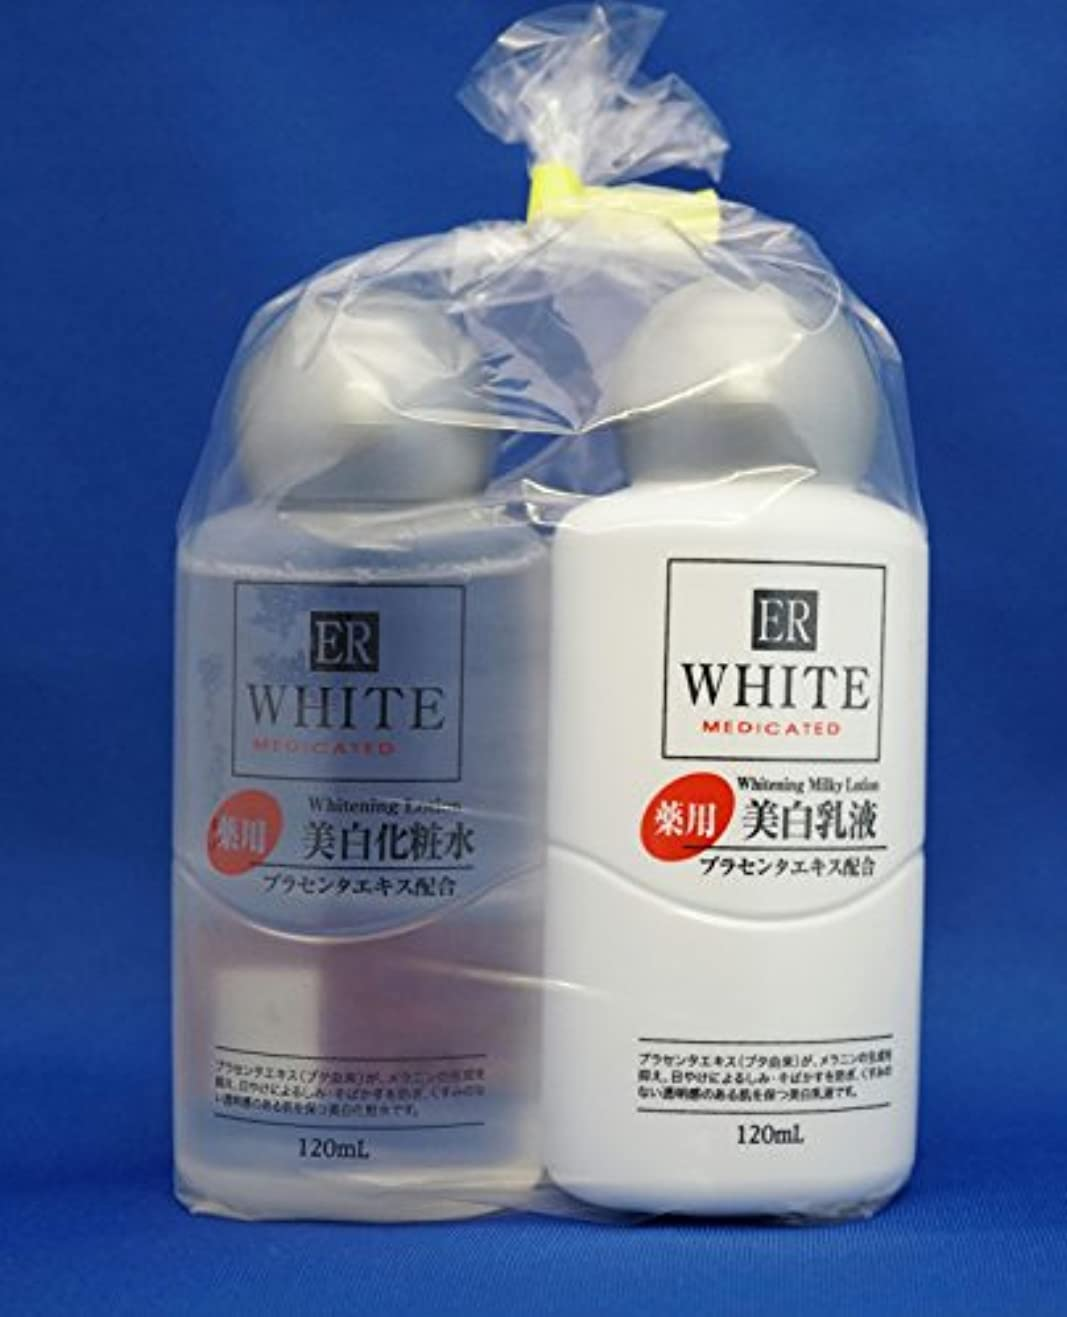 形成真剣に入口2個セット ダイソー ER コスモ ホワイトニング ミルクV(薬用美白乳液) と ER ホワイトニングローションV(薬用美白化粧水)